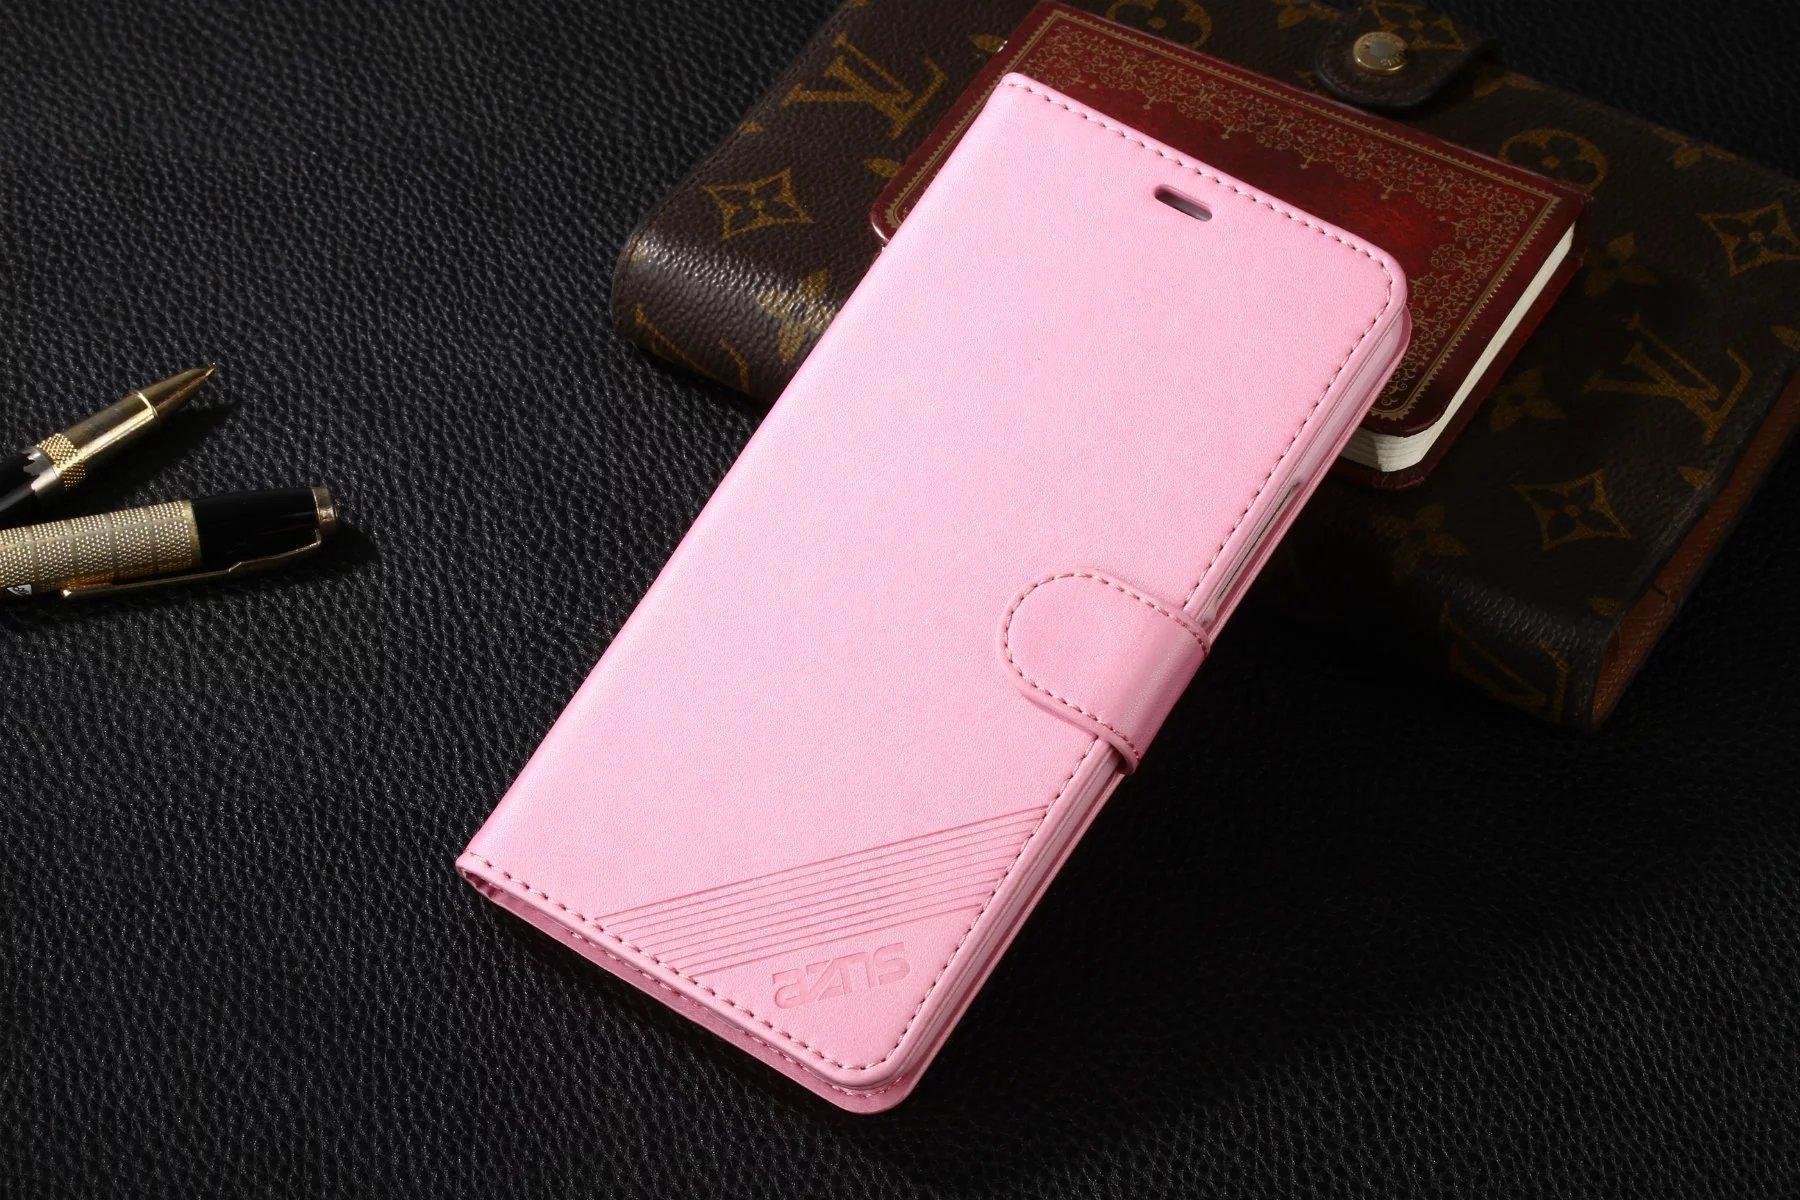 Meizu Pro 5 케이스 클립 용 고급형 플립형 지갑 Meizu Pro 5 용 Ultra-Thin 귀여운 슬림형 다채로운 기존 커버 가죽 케이스